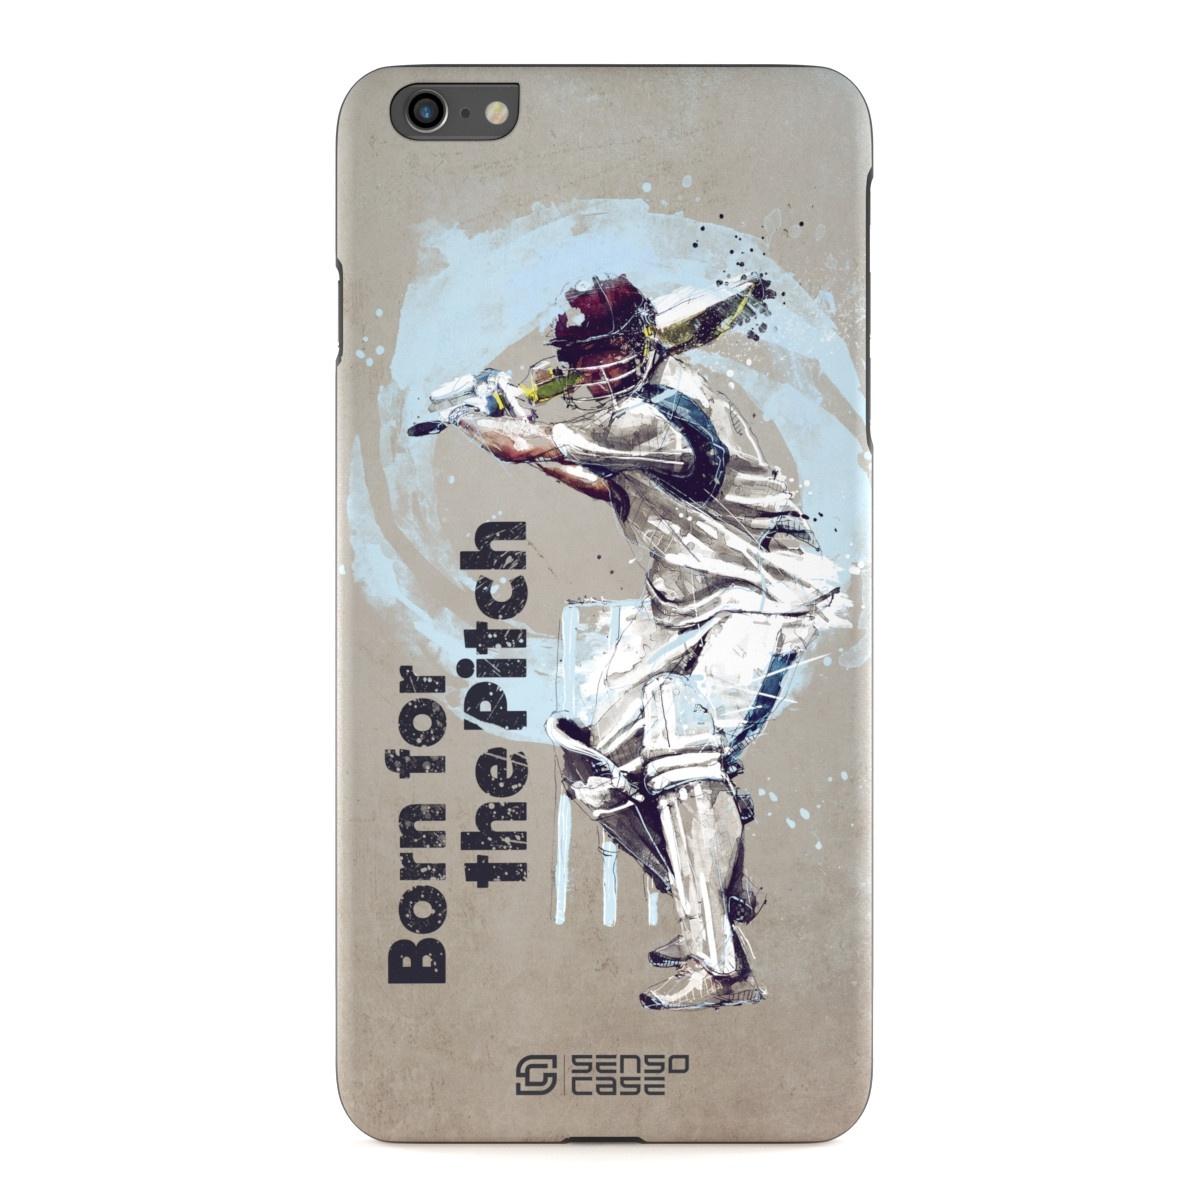 """Чехол для сотового телефона SensoCase iPhone 6/6s Plus """"Крикет"""" , SC-IP6P-cricket + защитное стекло в подарок, 100100"""